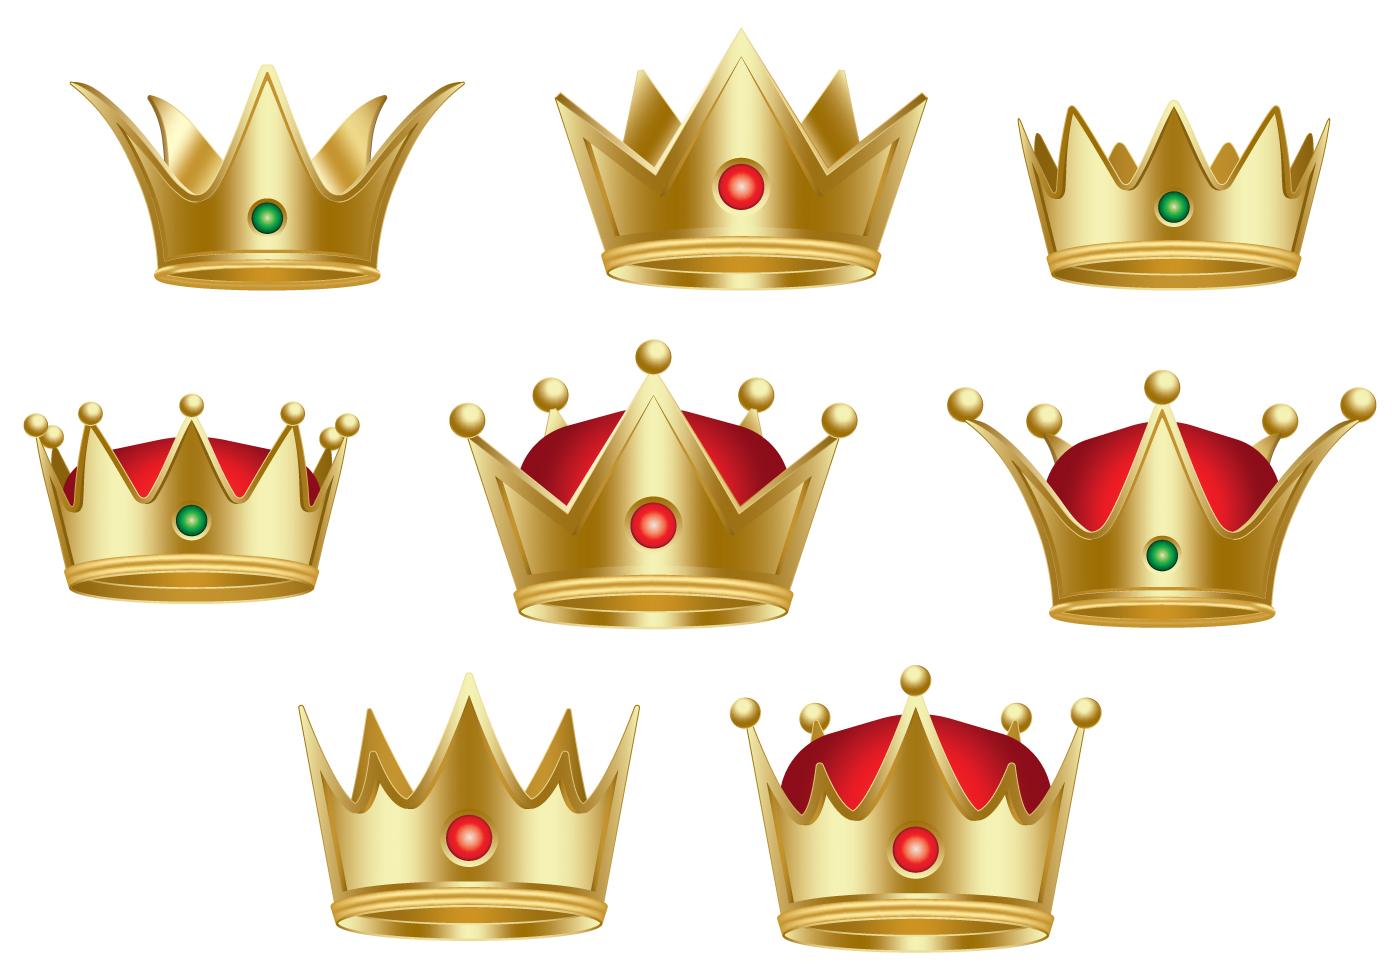 Картинки рисунков корона